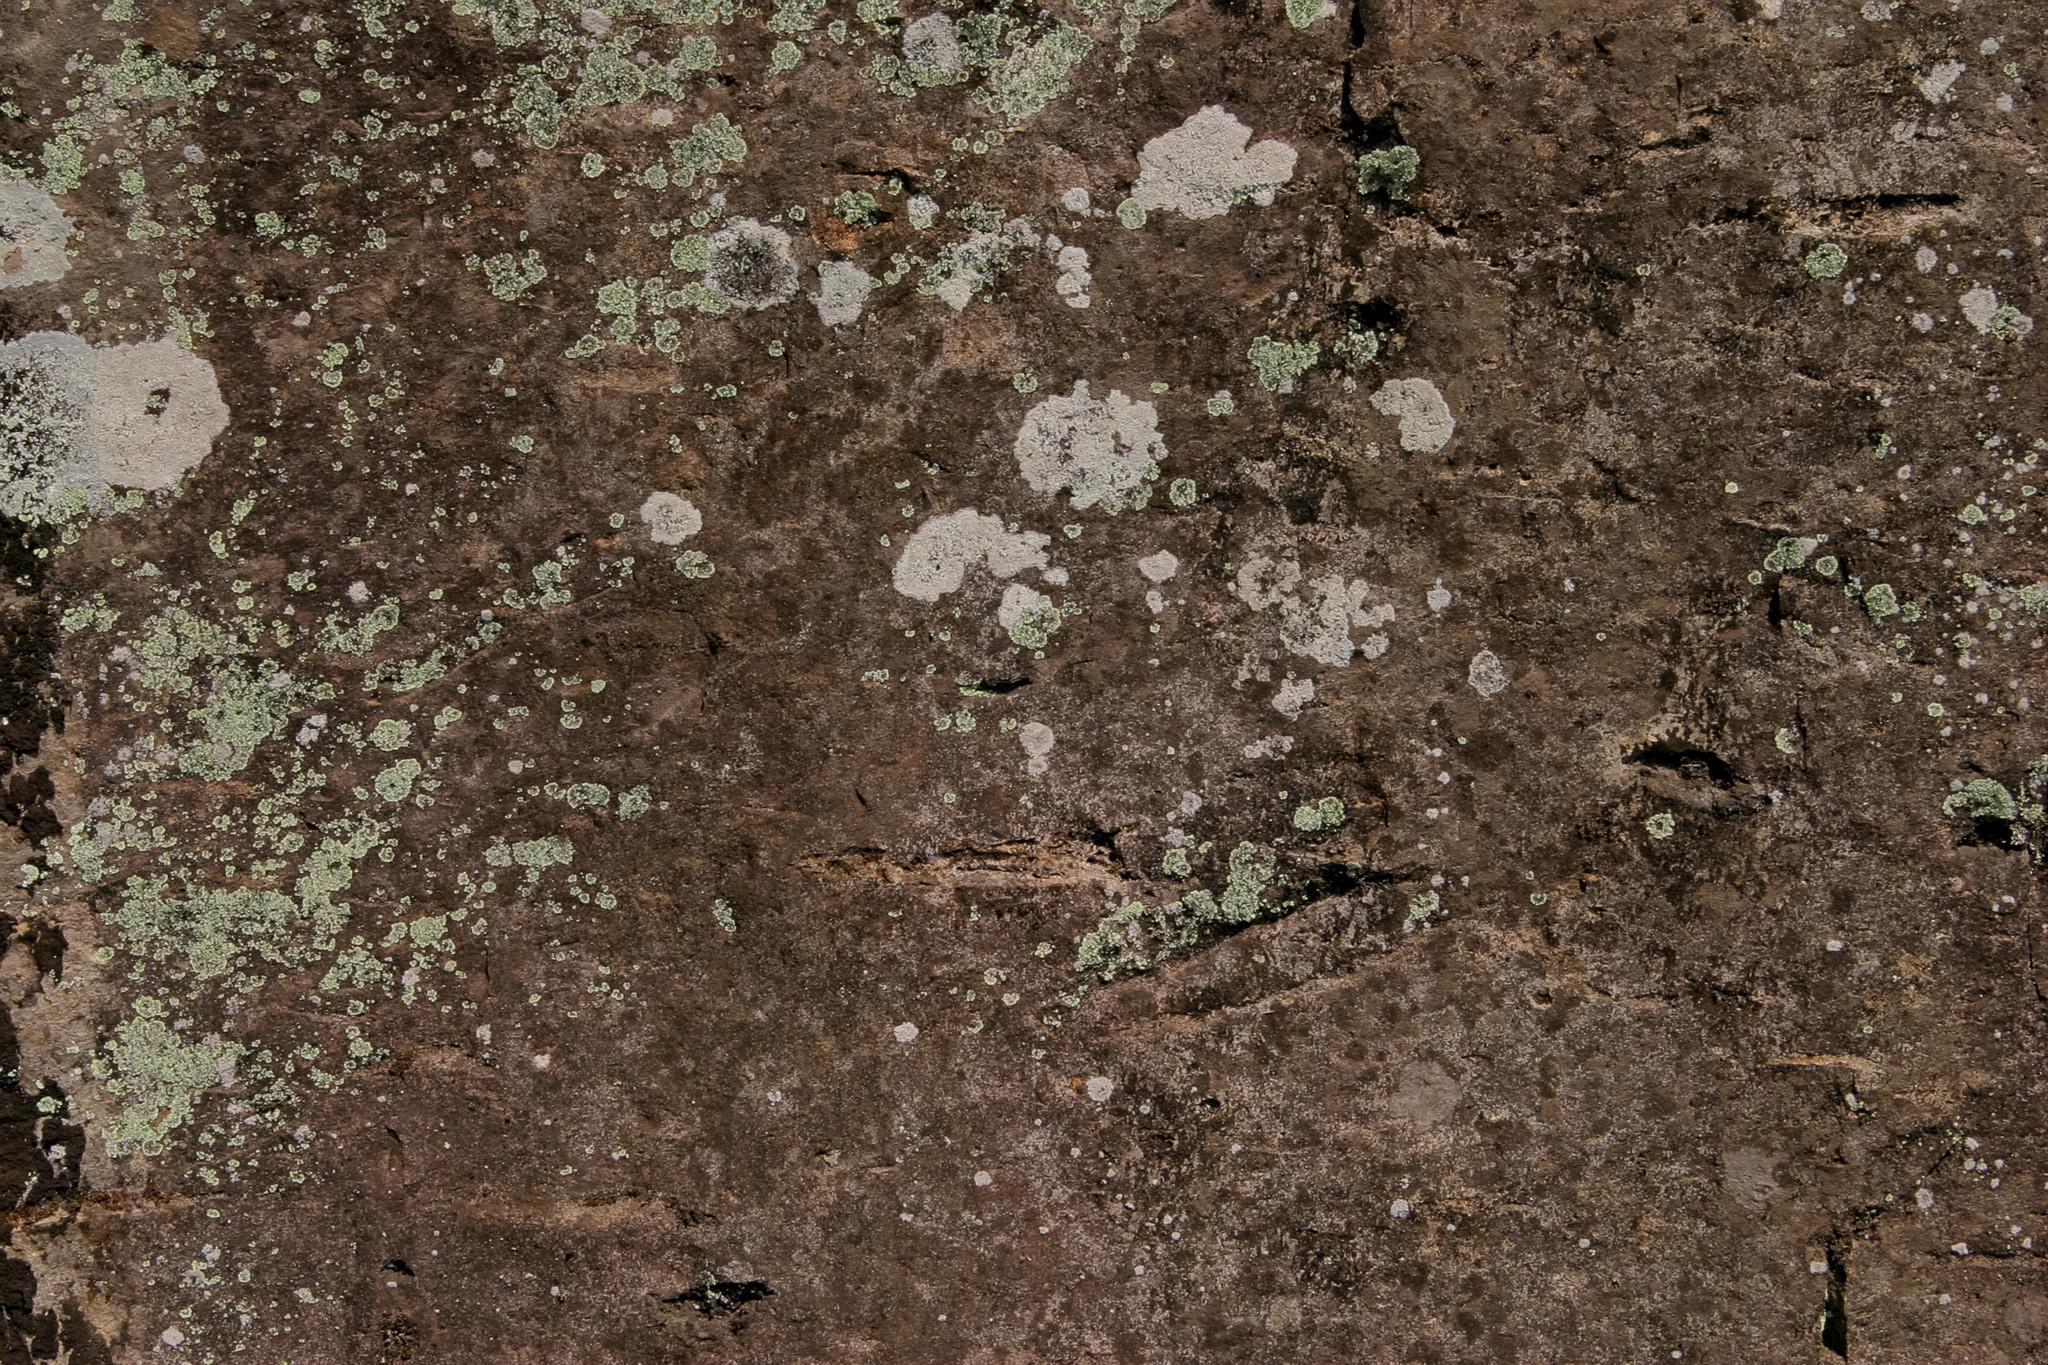 「自然の模様が入った岩石」の素材を無料ダウンロード